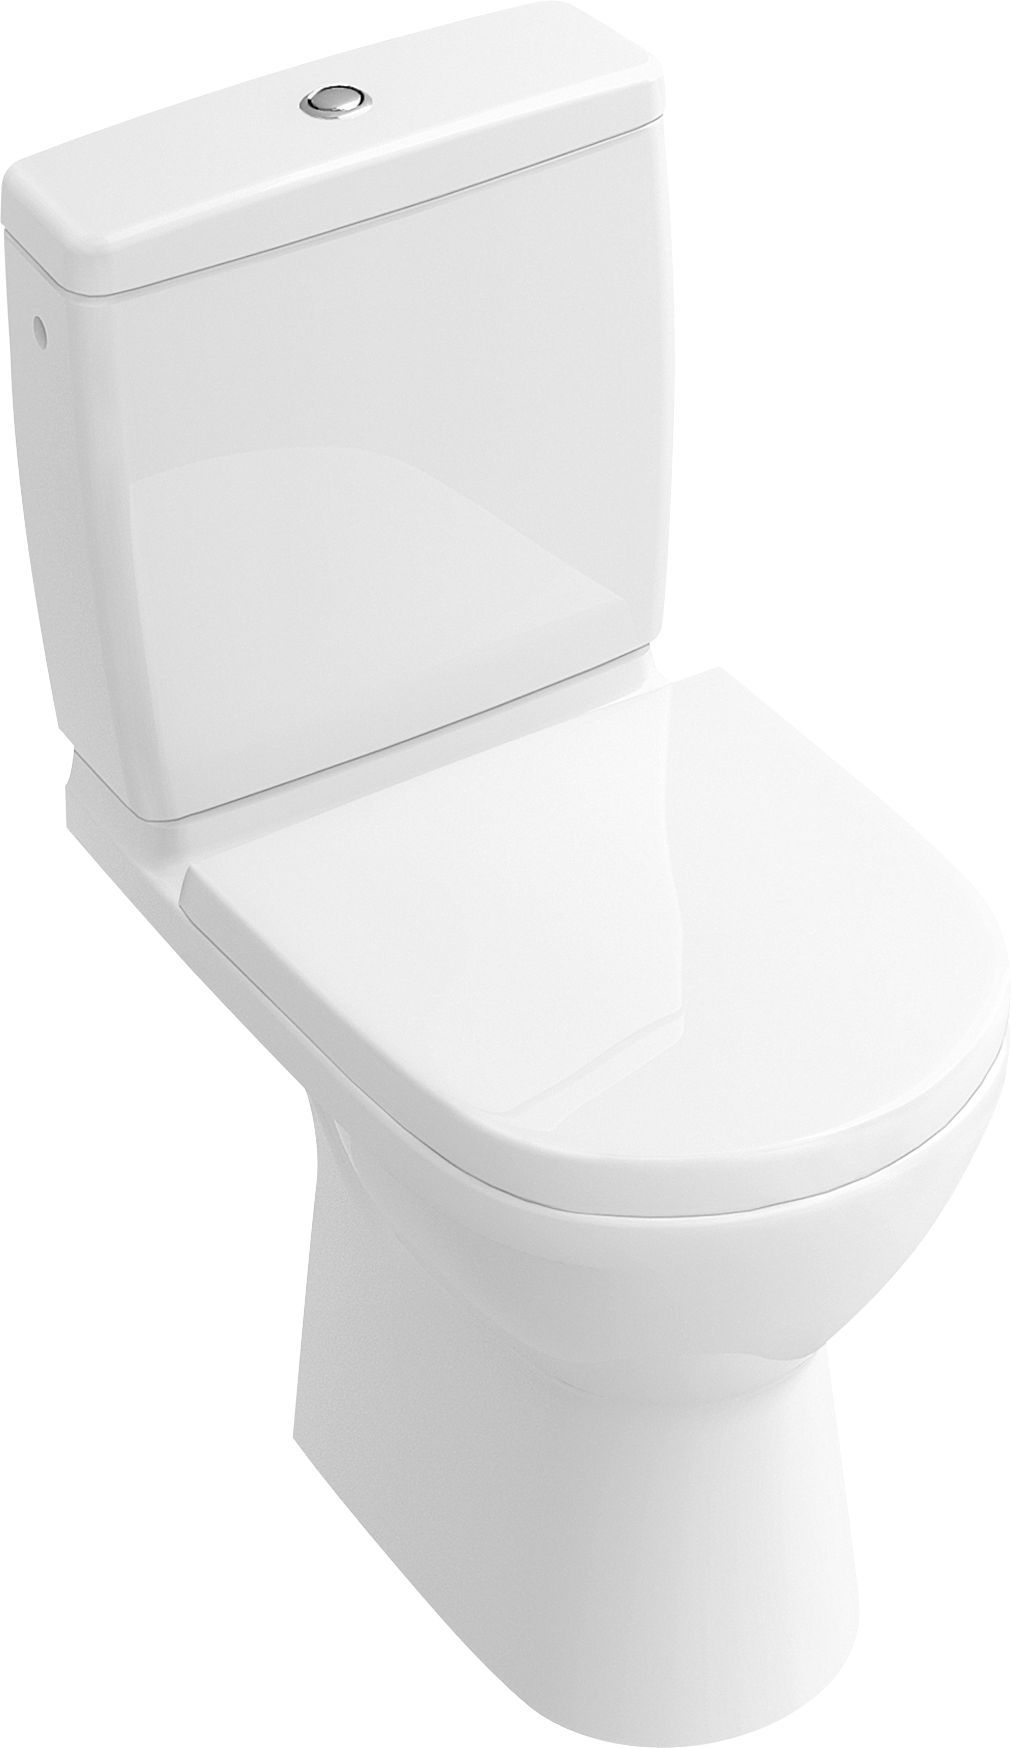 Villeroy & Boch O.Novo Compact Stand-Tiefspül-WC für Kombination L:61xB:36cm DirectFlush mit offenem Spülrand weiß mit CeramicPlus 5689R0R1